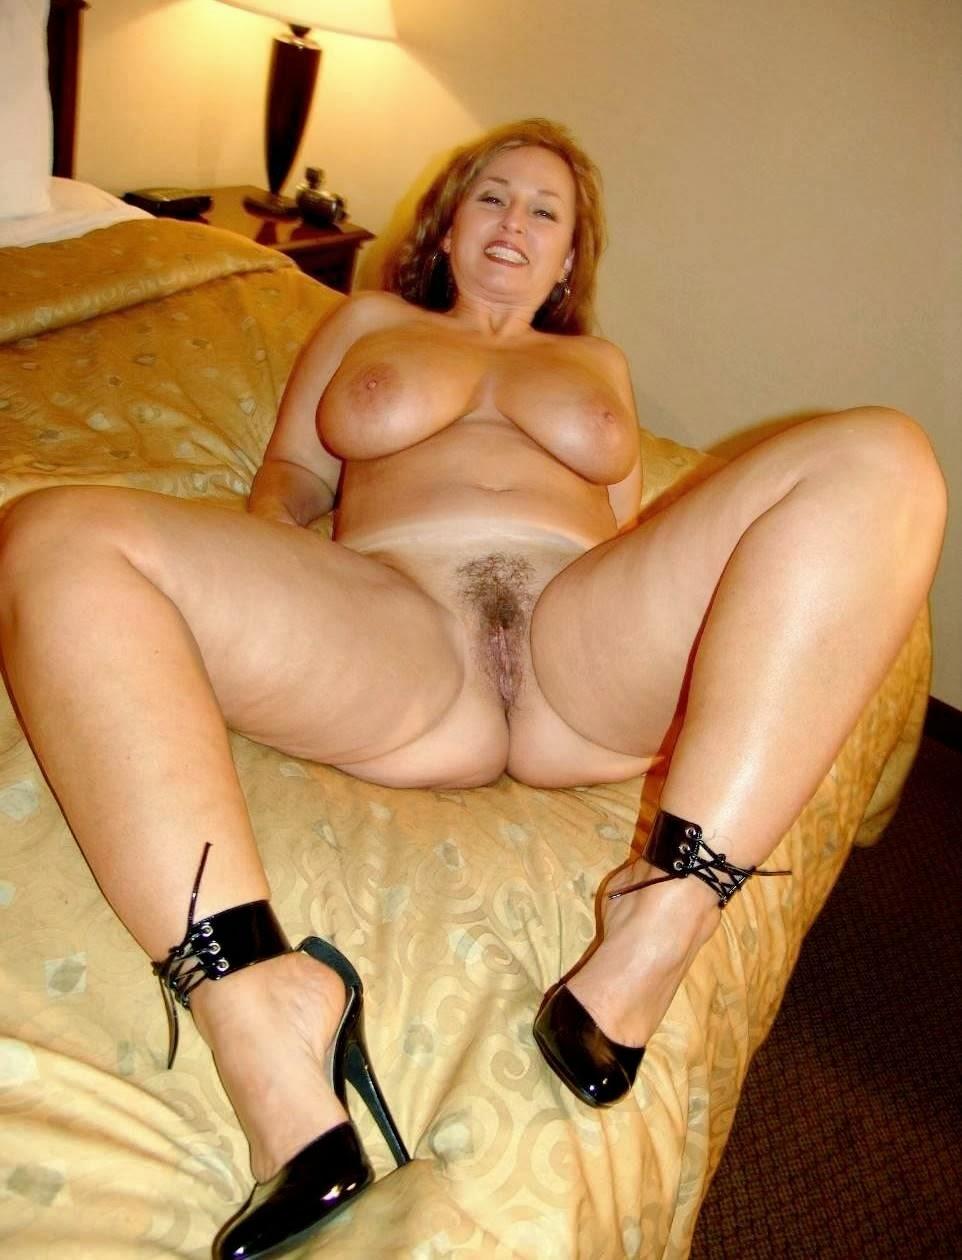 Зрелые фото баб порно, спящие азиатки в трусиках и во все дырочки